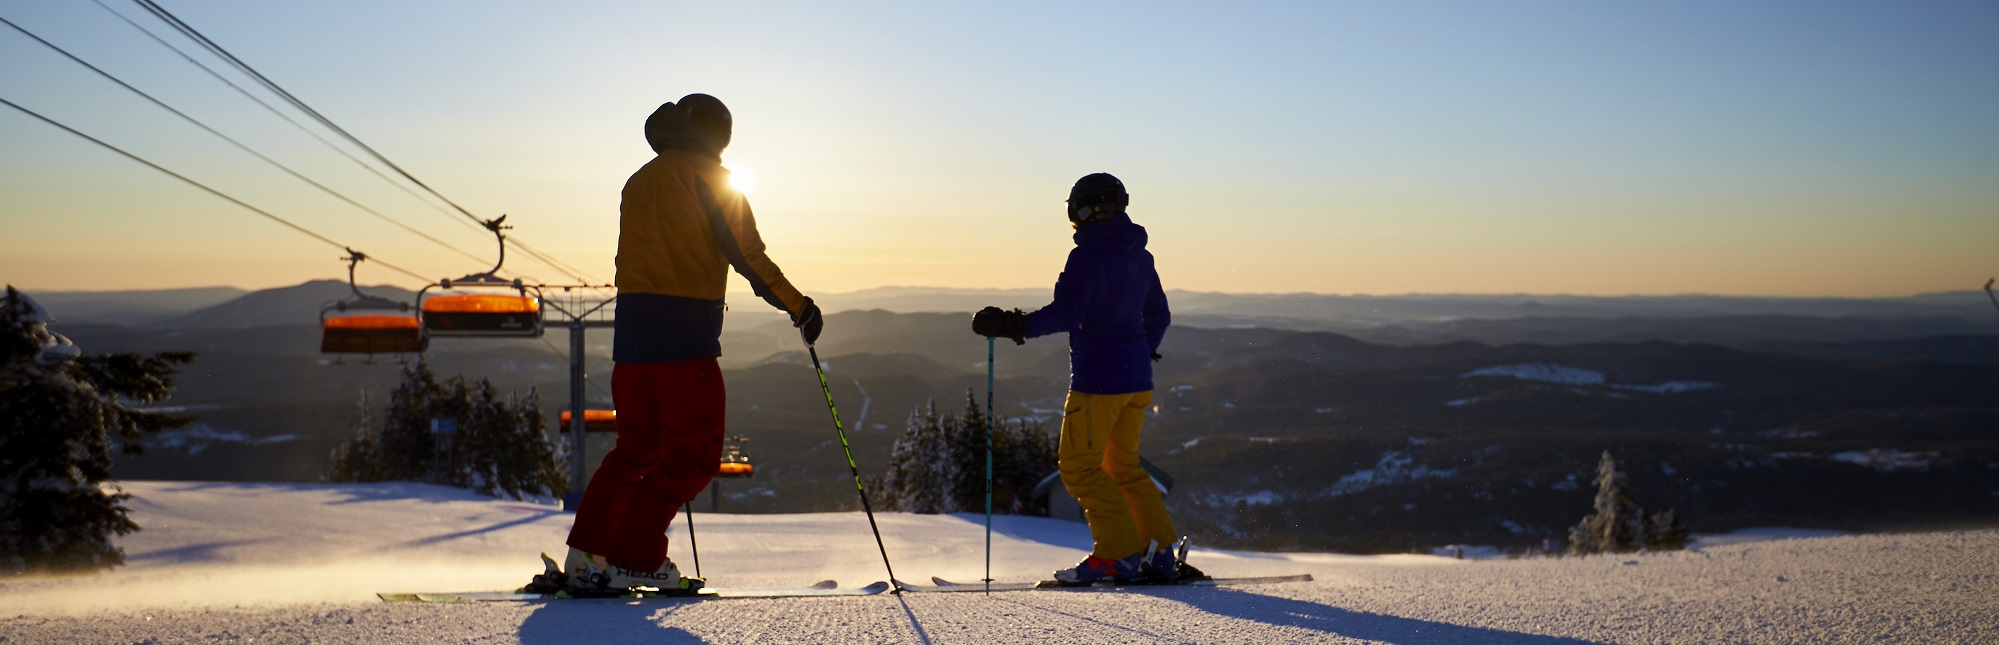 90a7bab41 Okemo Mountain Resort | Okemo Ski Resort